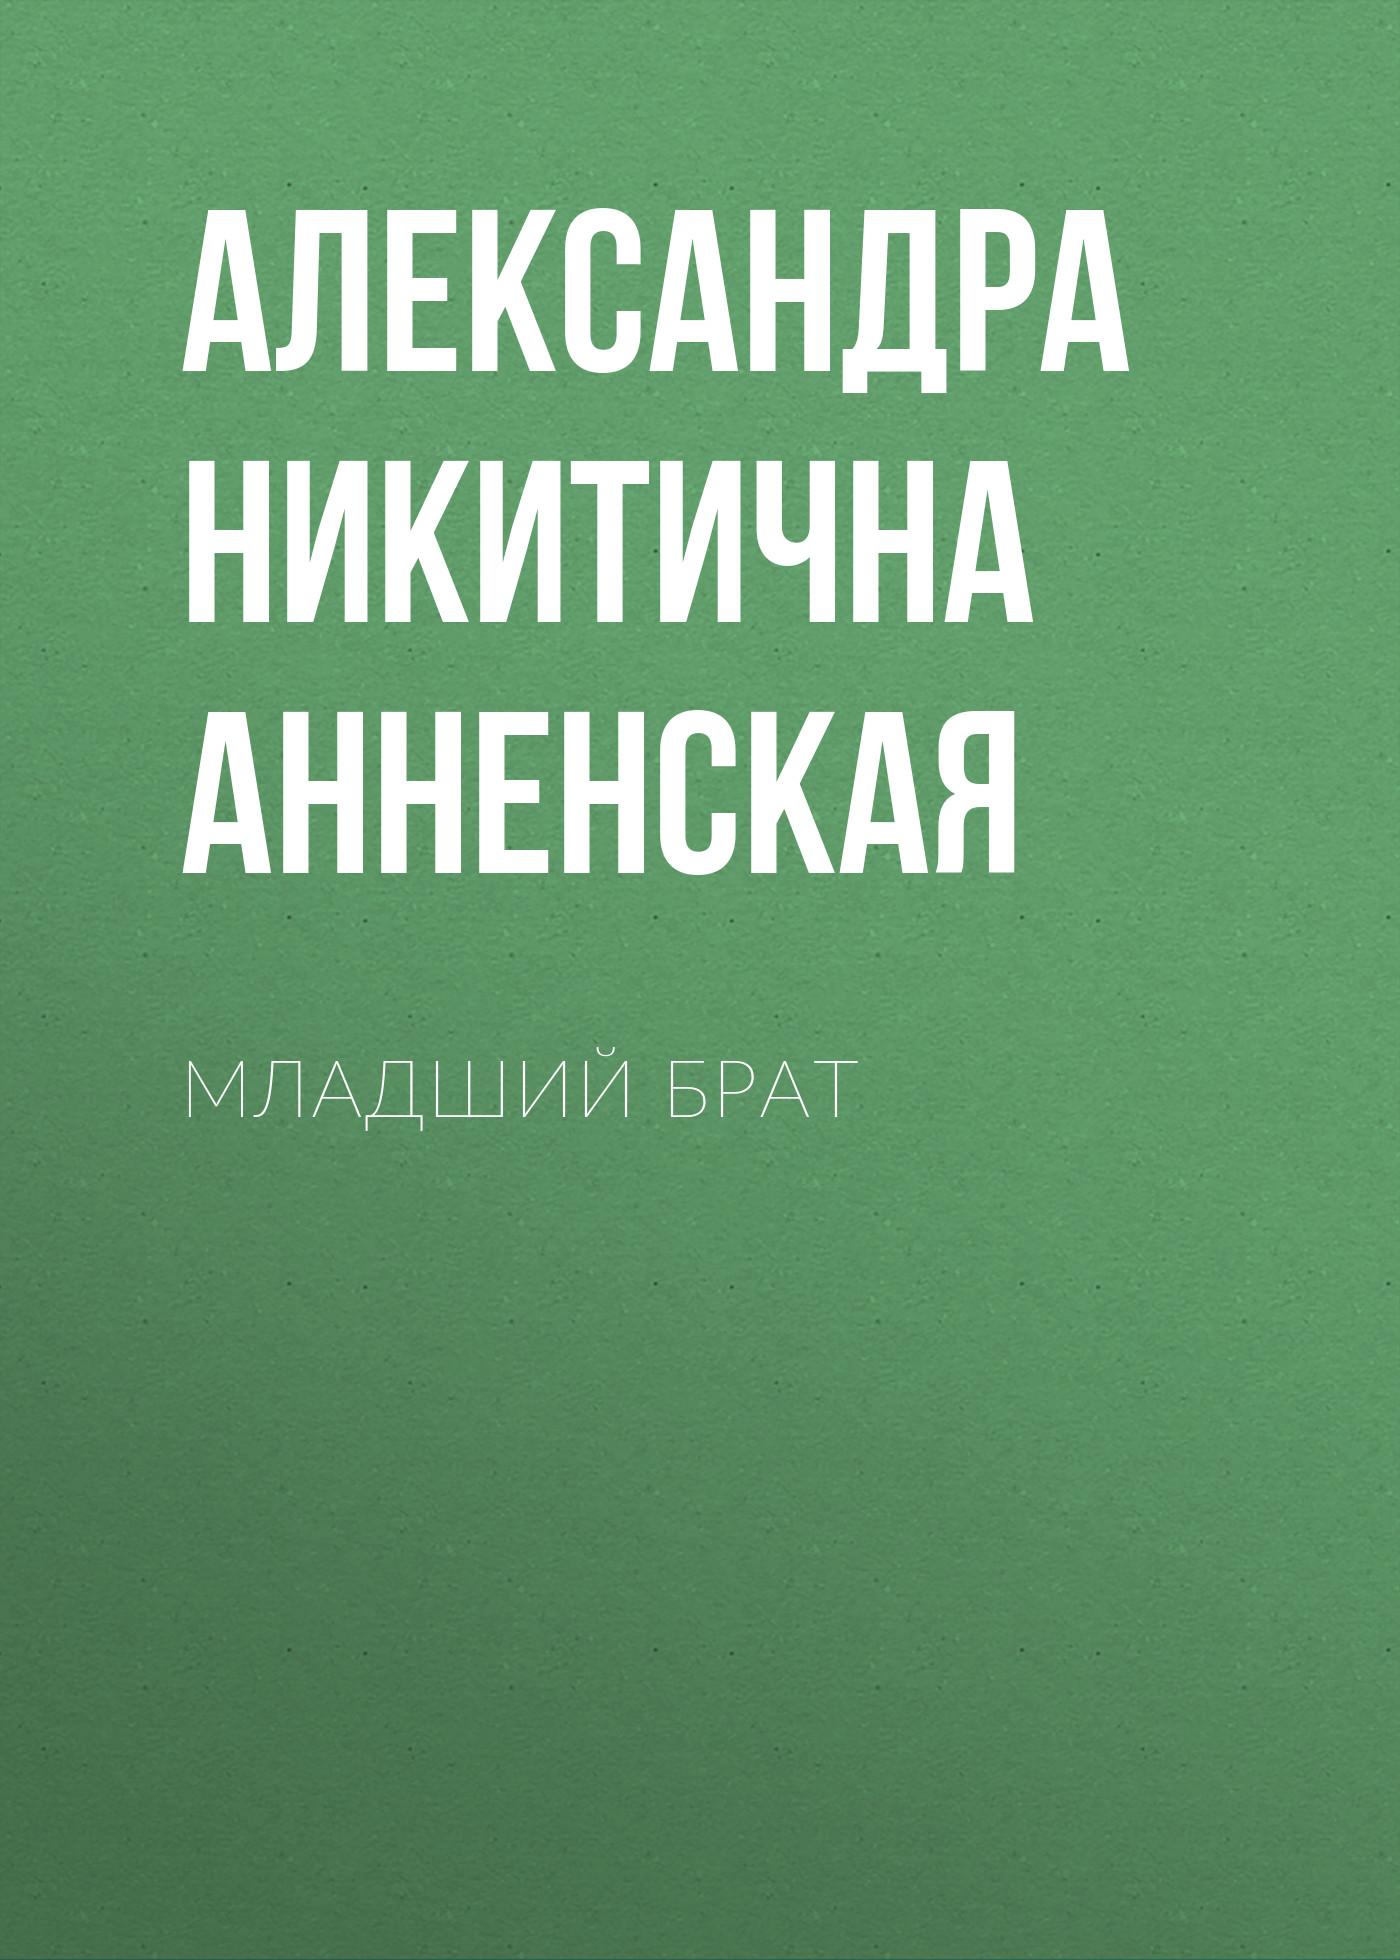 Купить книгу Младший брат, автора Александры Никитичны Анненской